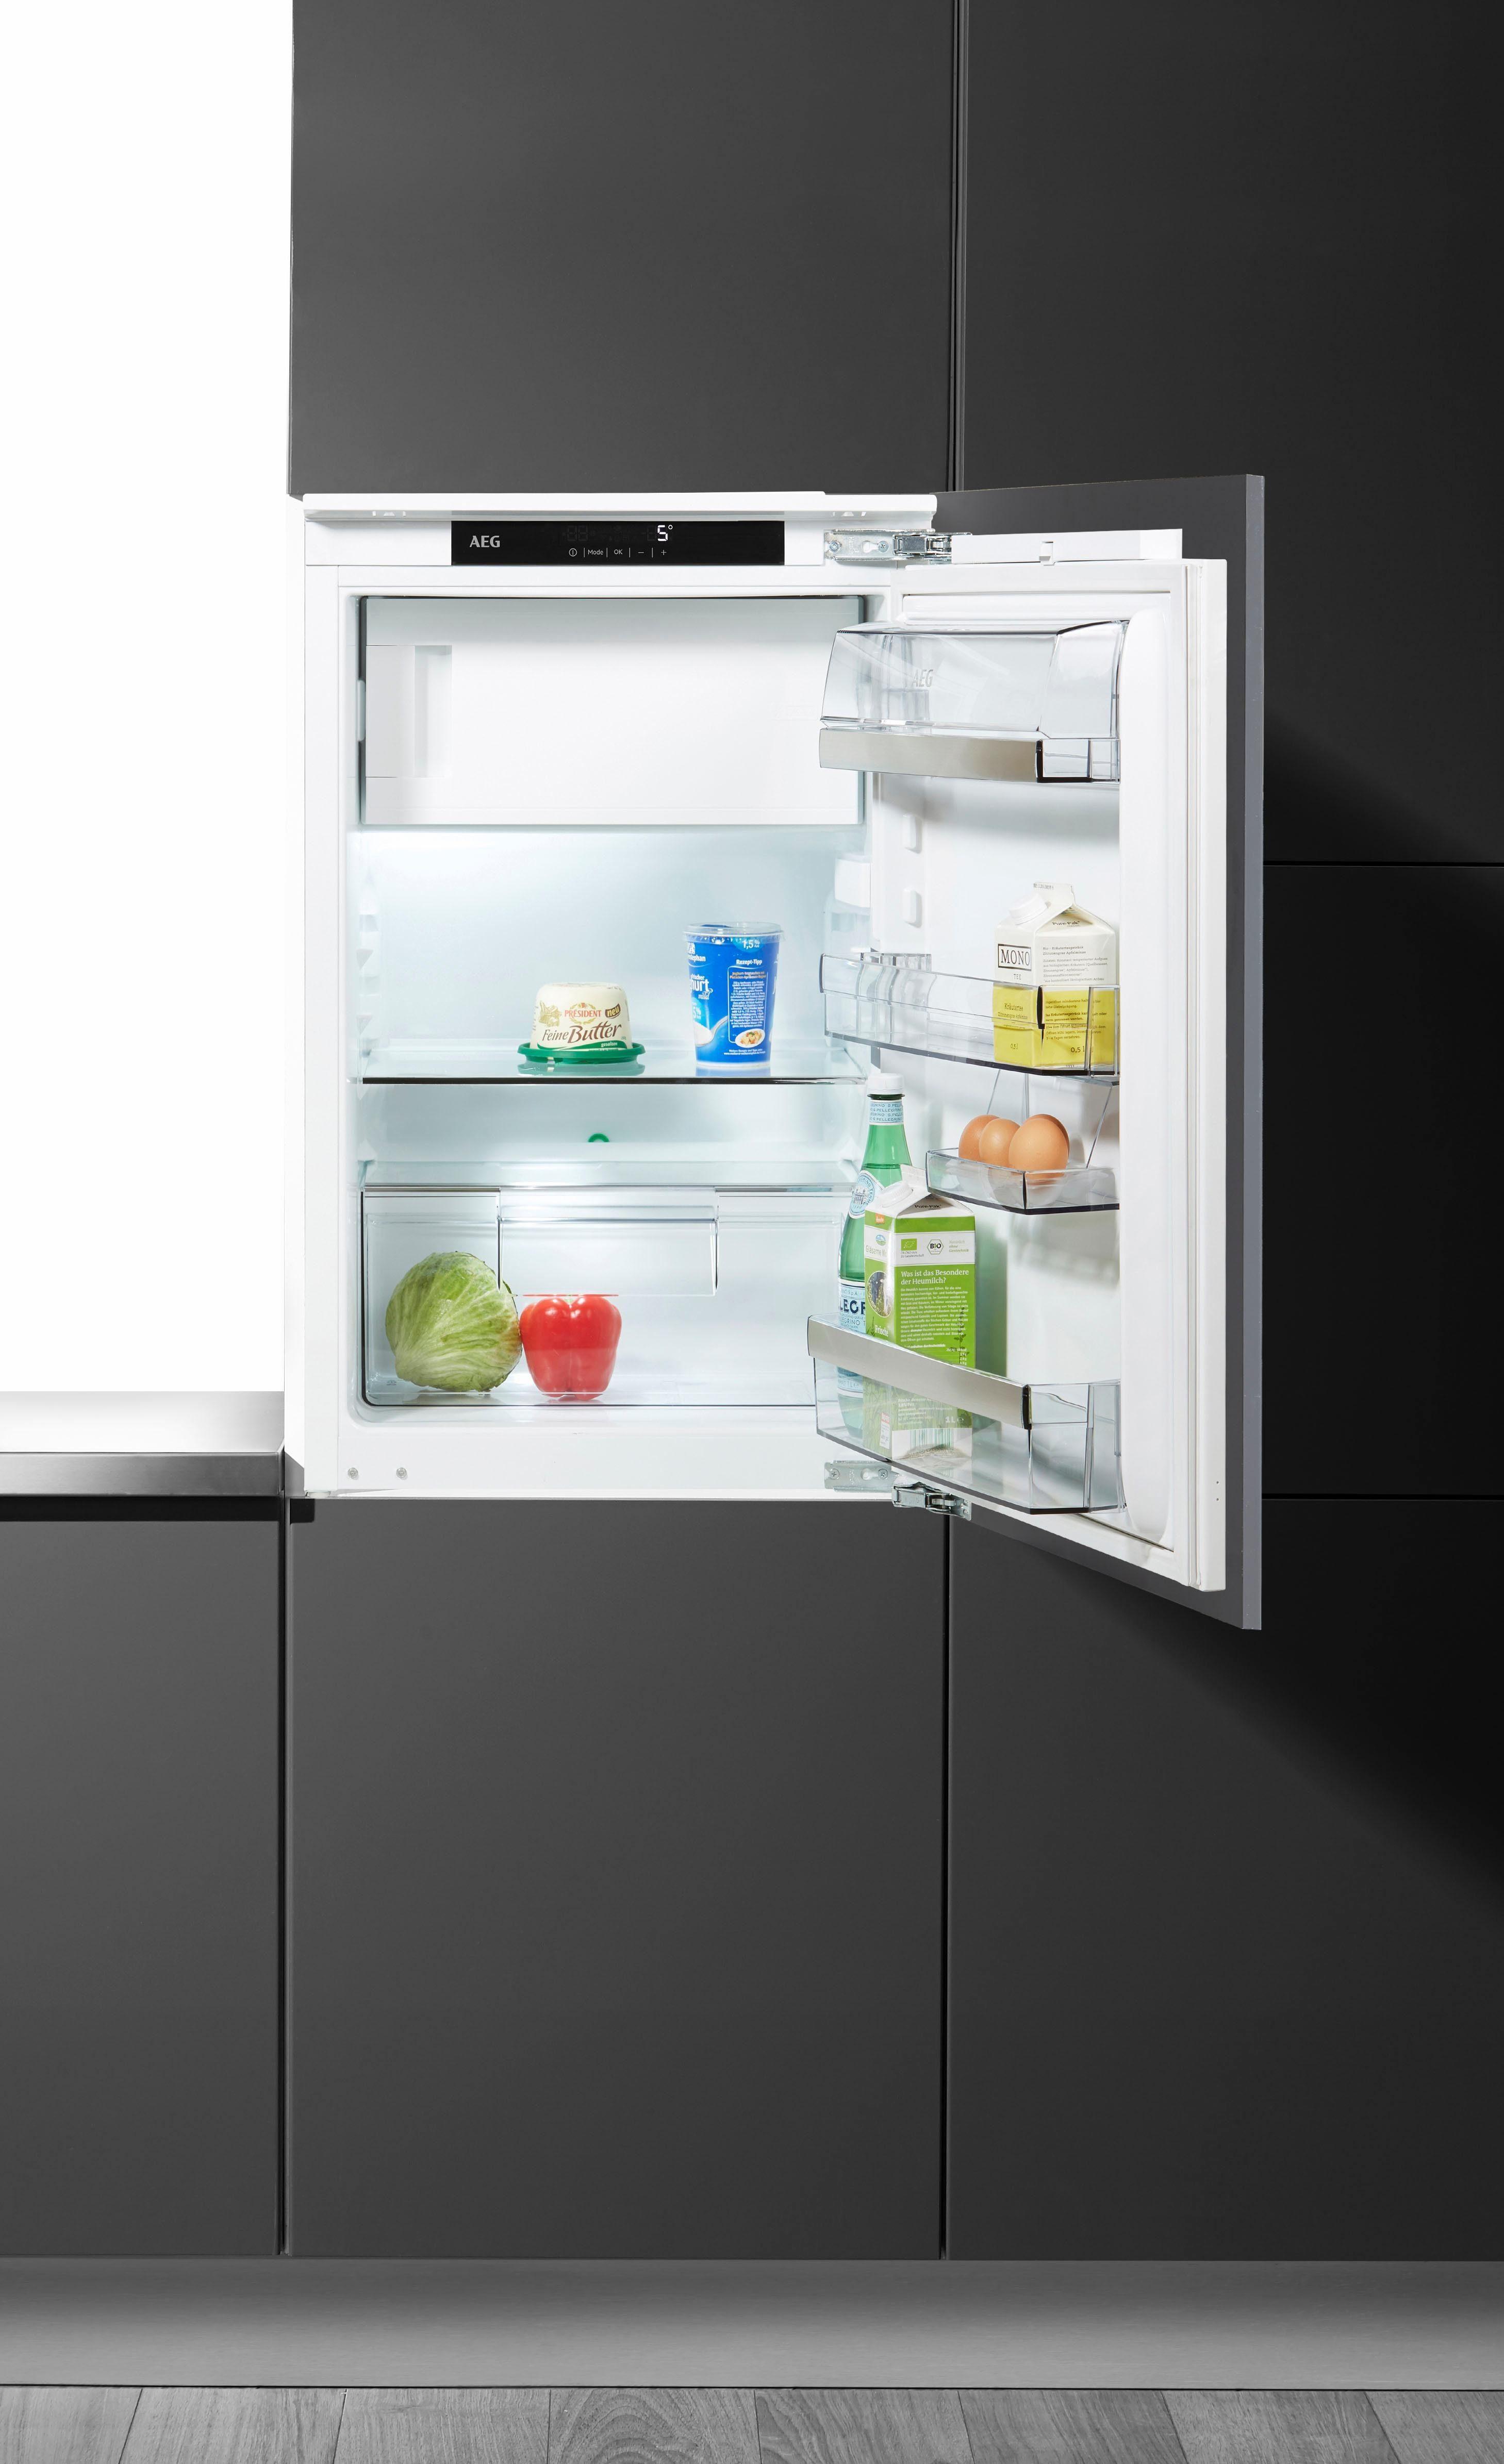 AEG integrierbarer Einbau-Kühlschrank SANTO SFE88841AC, A+++, 88 cm hoch